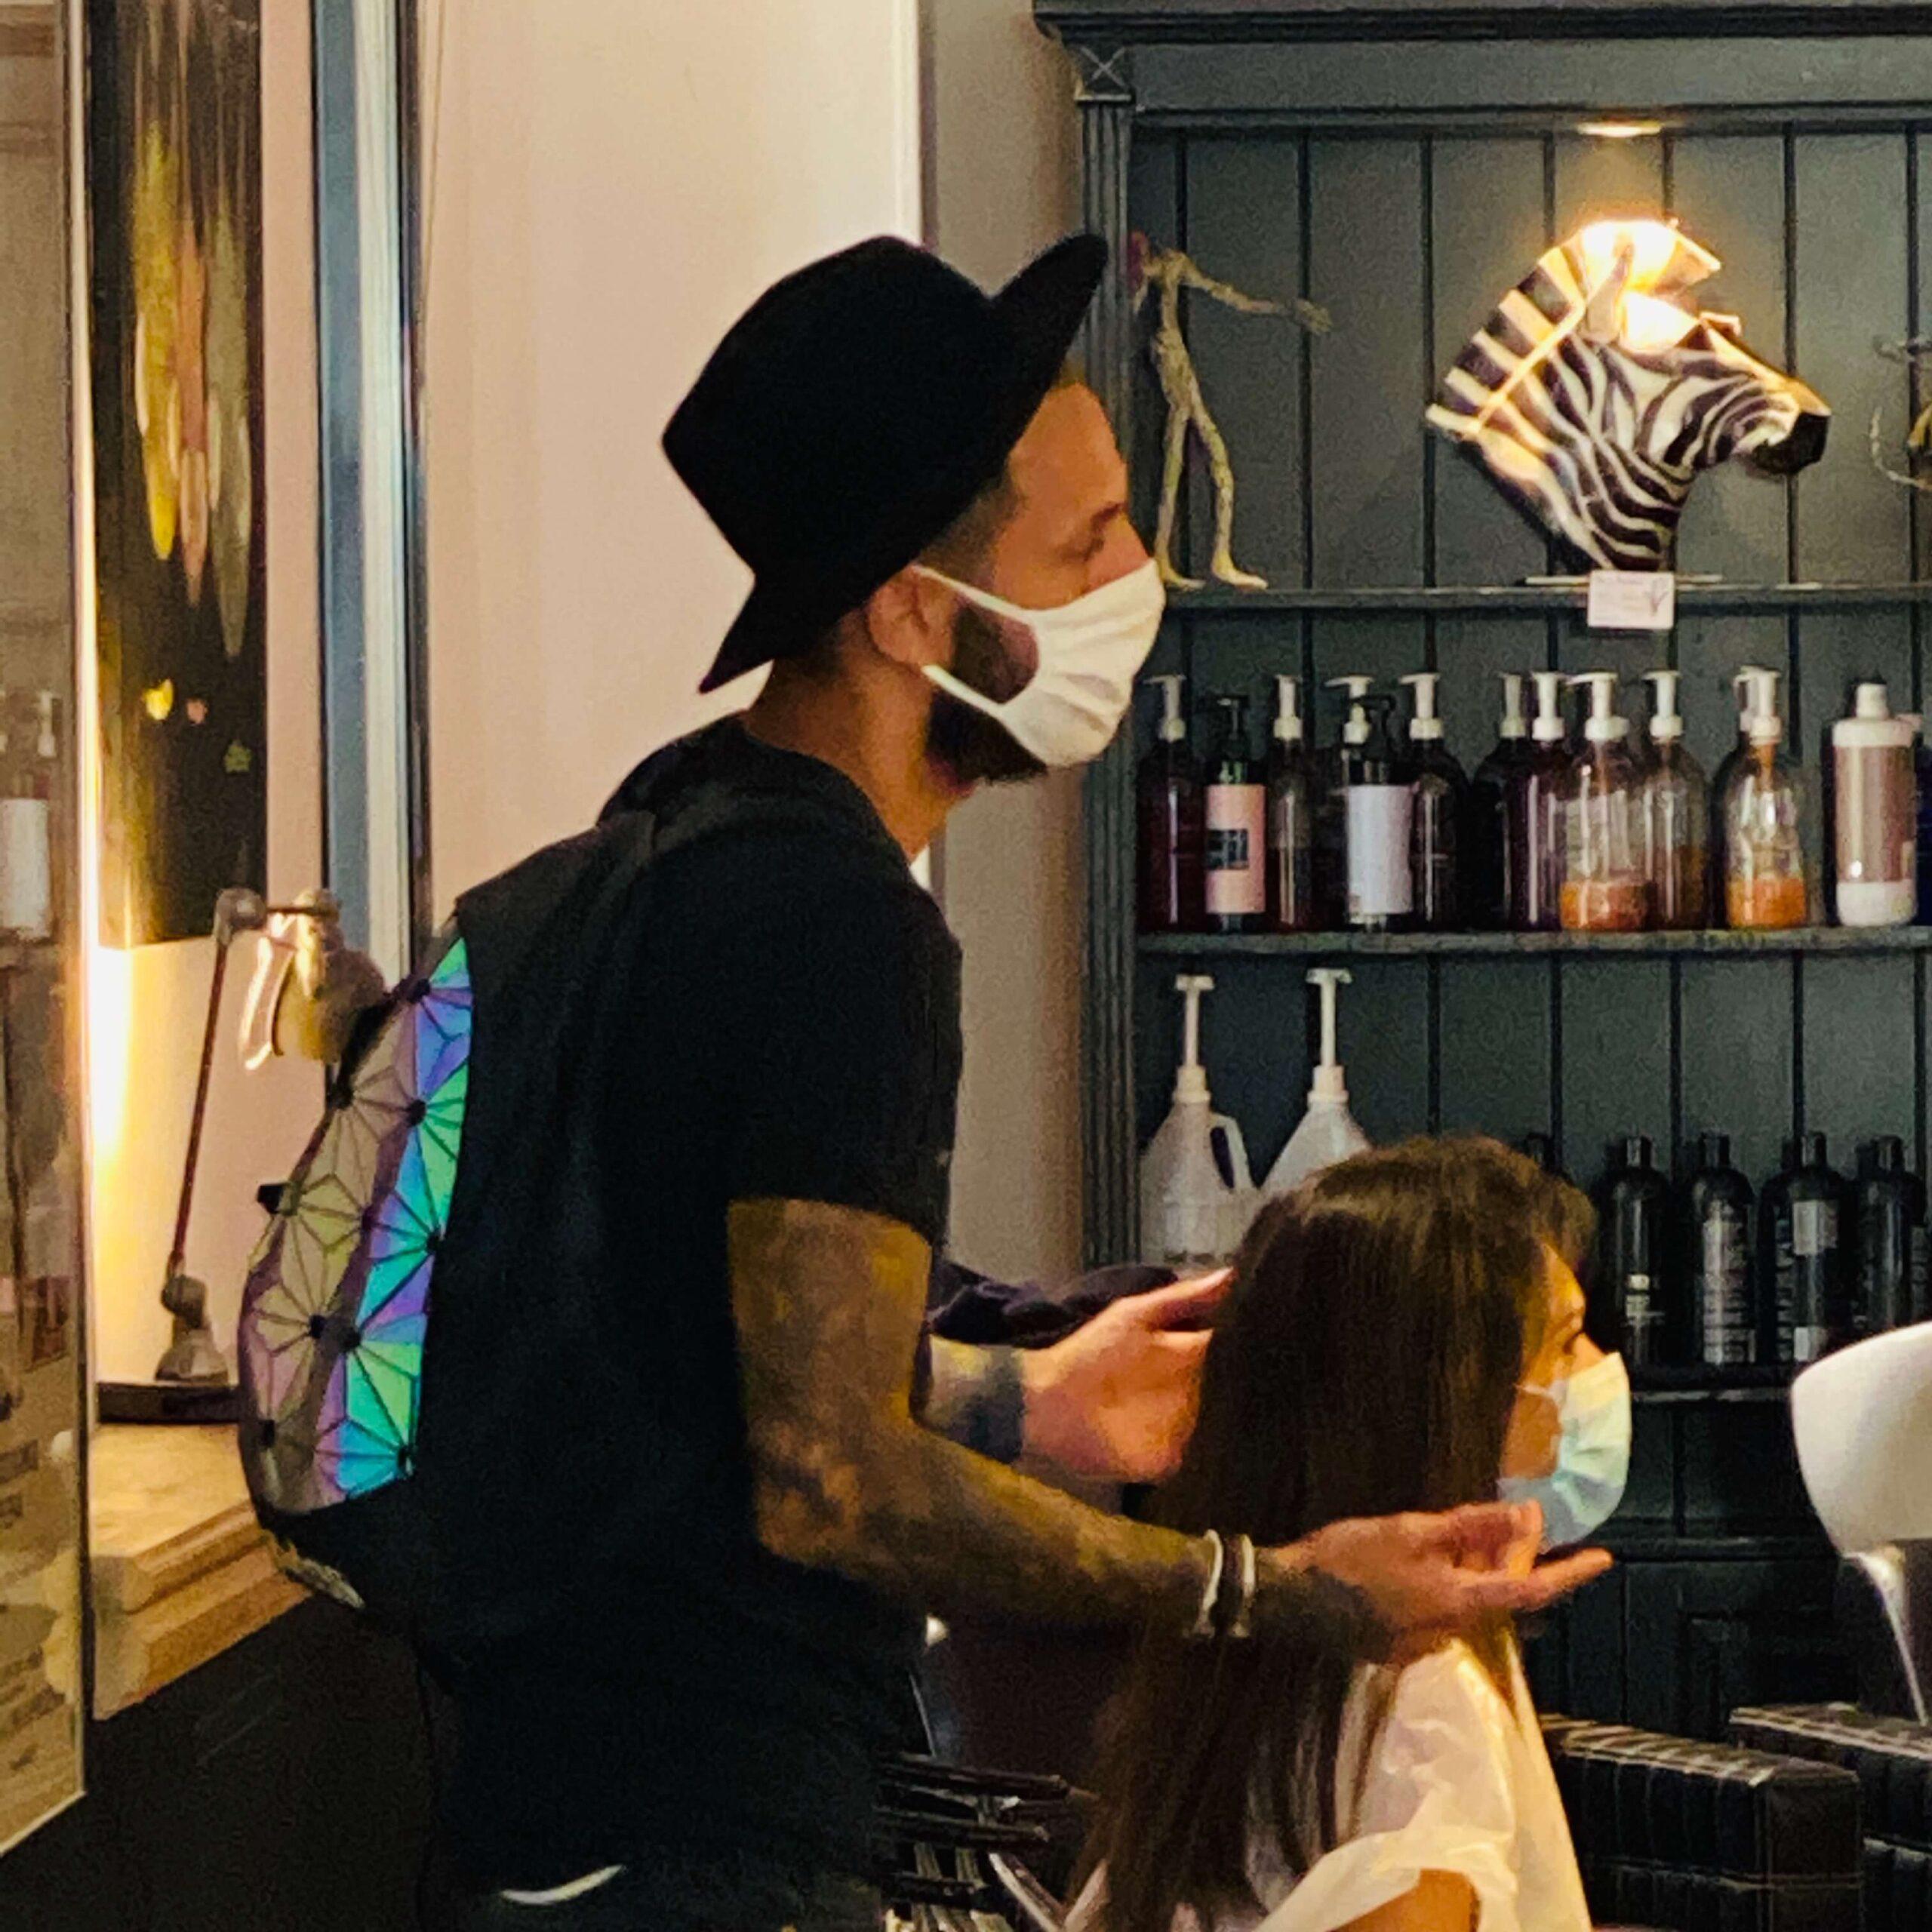 Thibaut donnant un conseil a une cliente venue se faire couper les cheveux